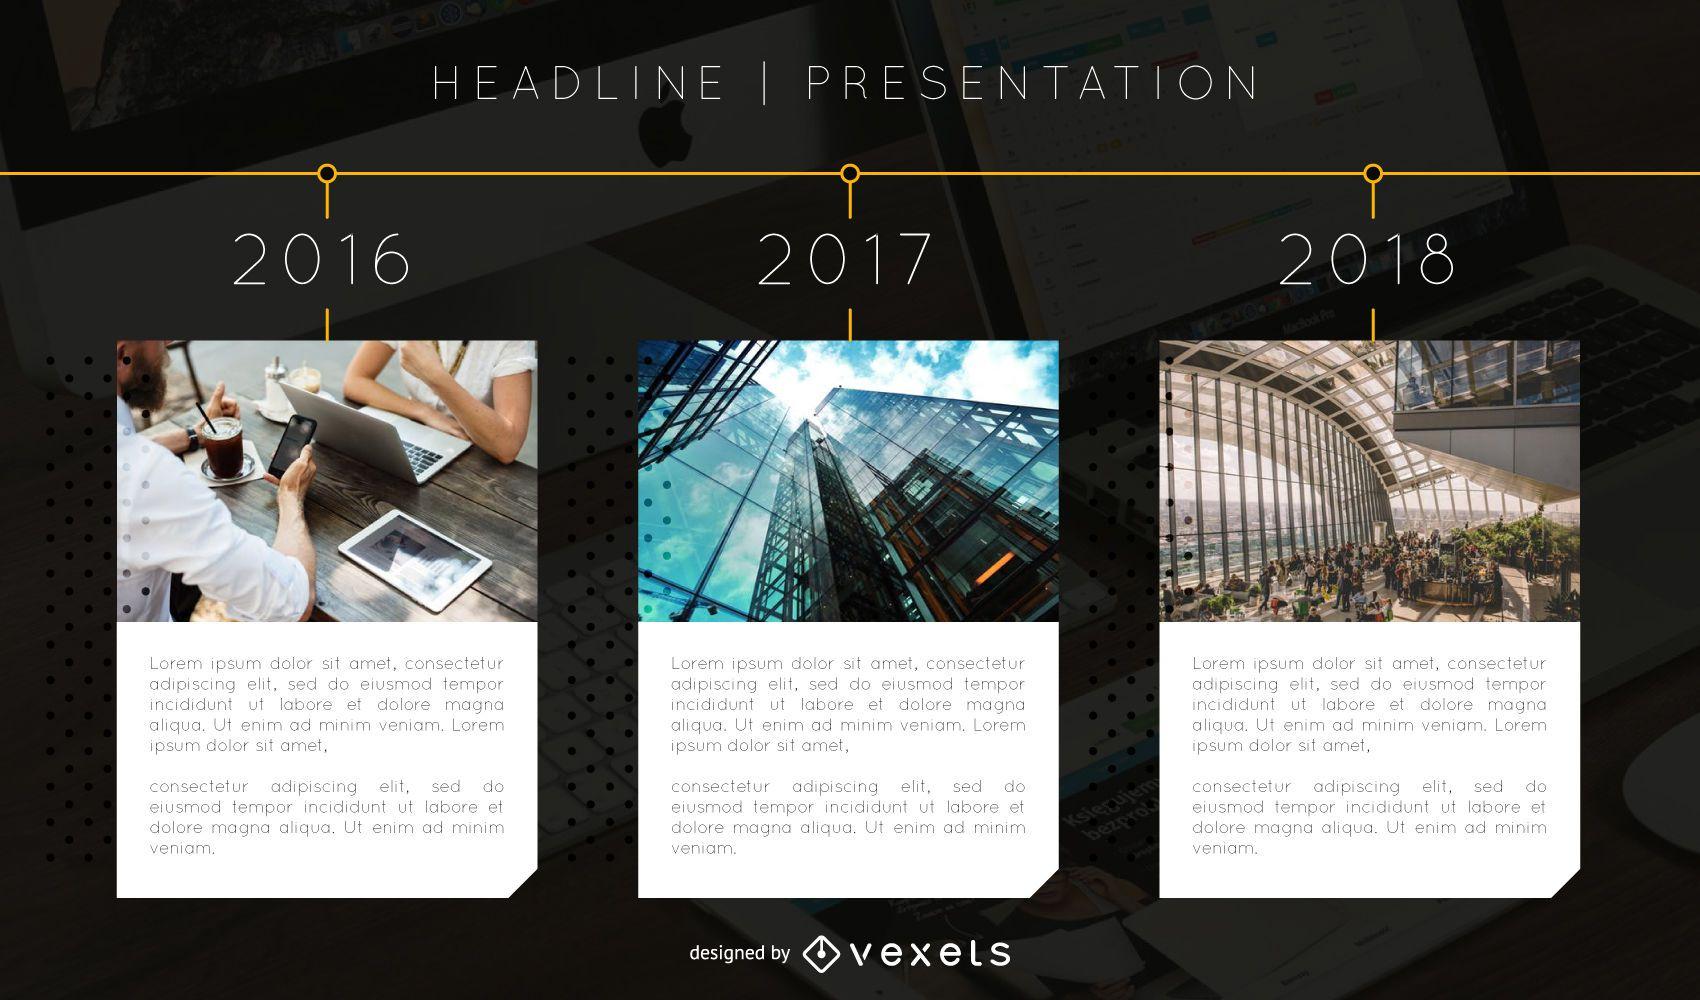 Timeline presentation slide template